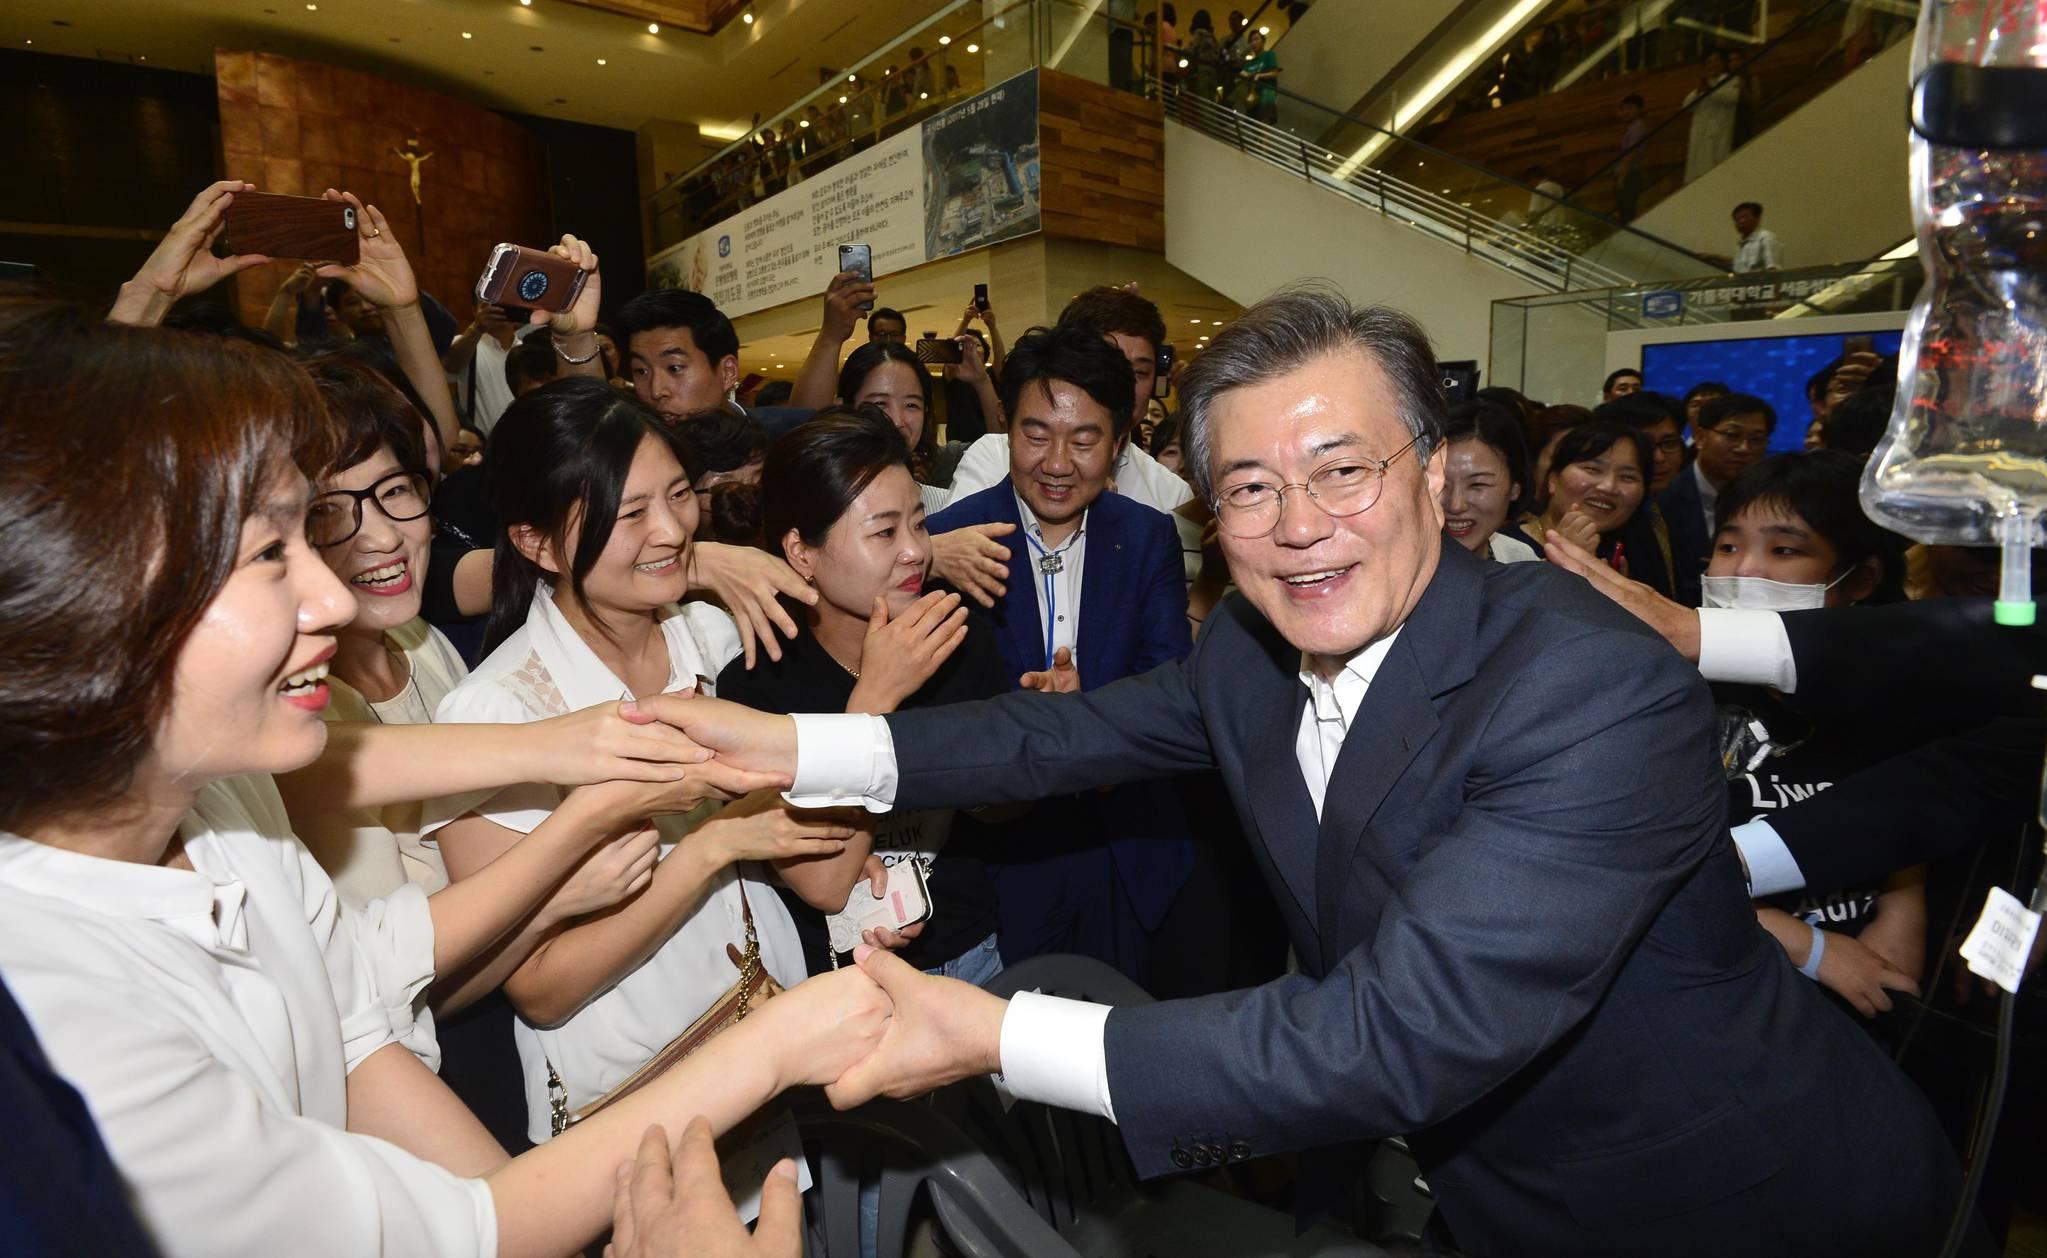 8월 9일 서울성모병원에서 문재인 대통령은 건강보험 보장강화 정책을 발표했다.청와대사진기자단